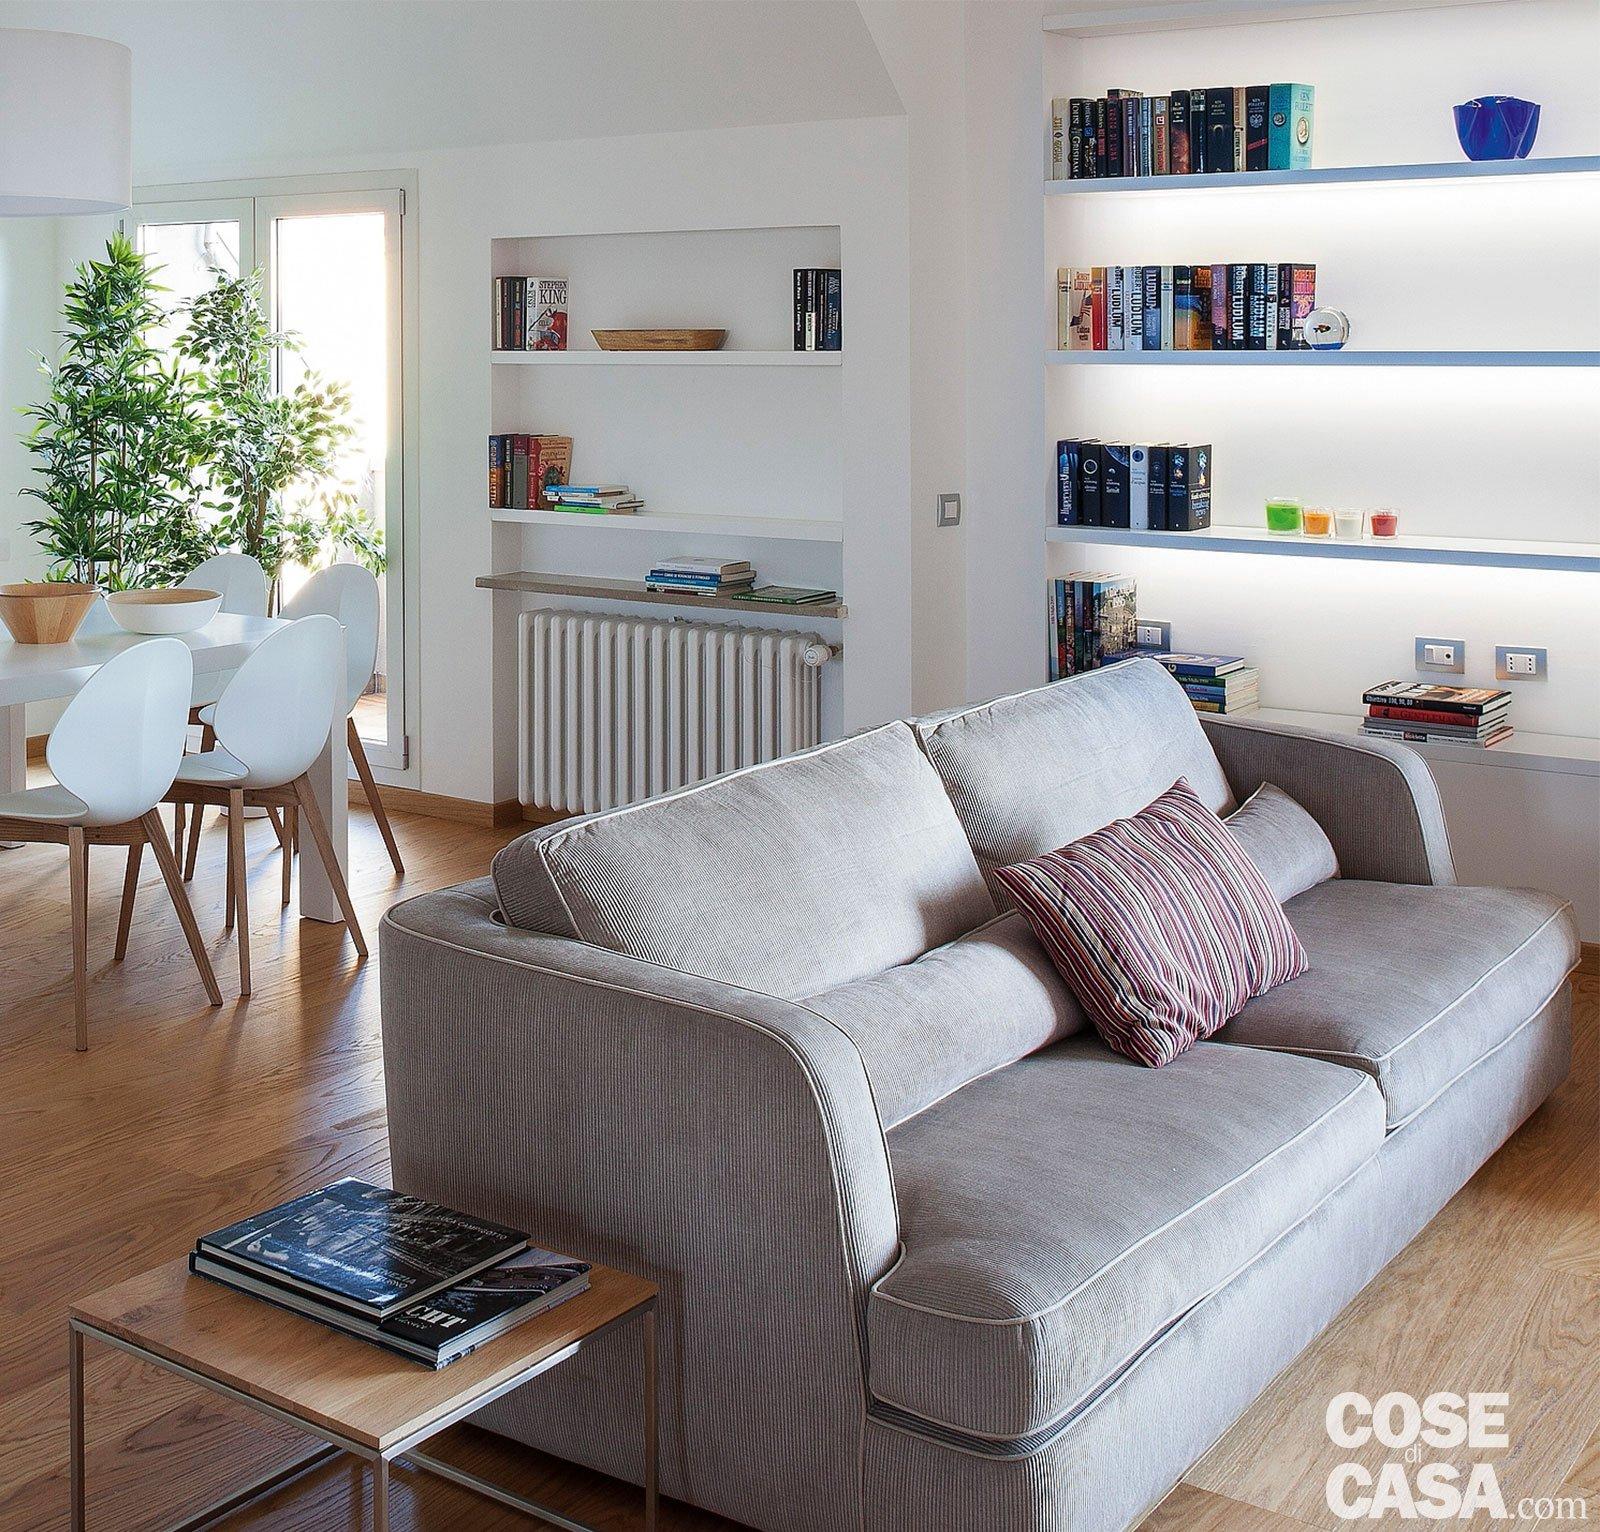 Cucina a vista sul soggiorno nel sottotetto con terrazzi a tasca cose di casa - Tavolo per divano ...